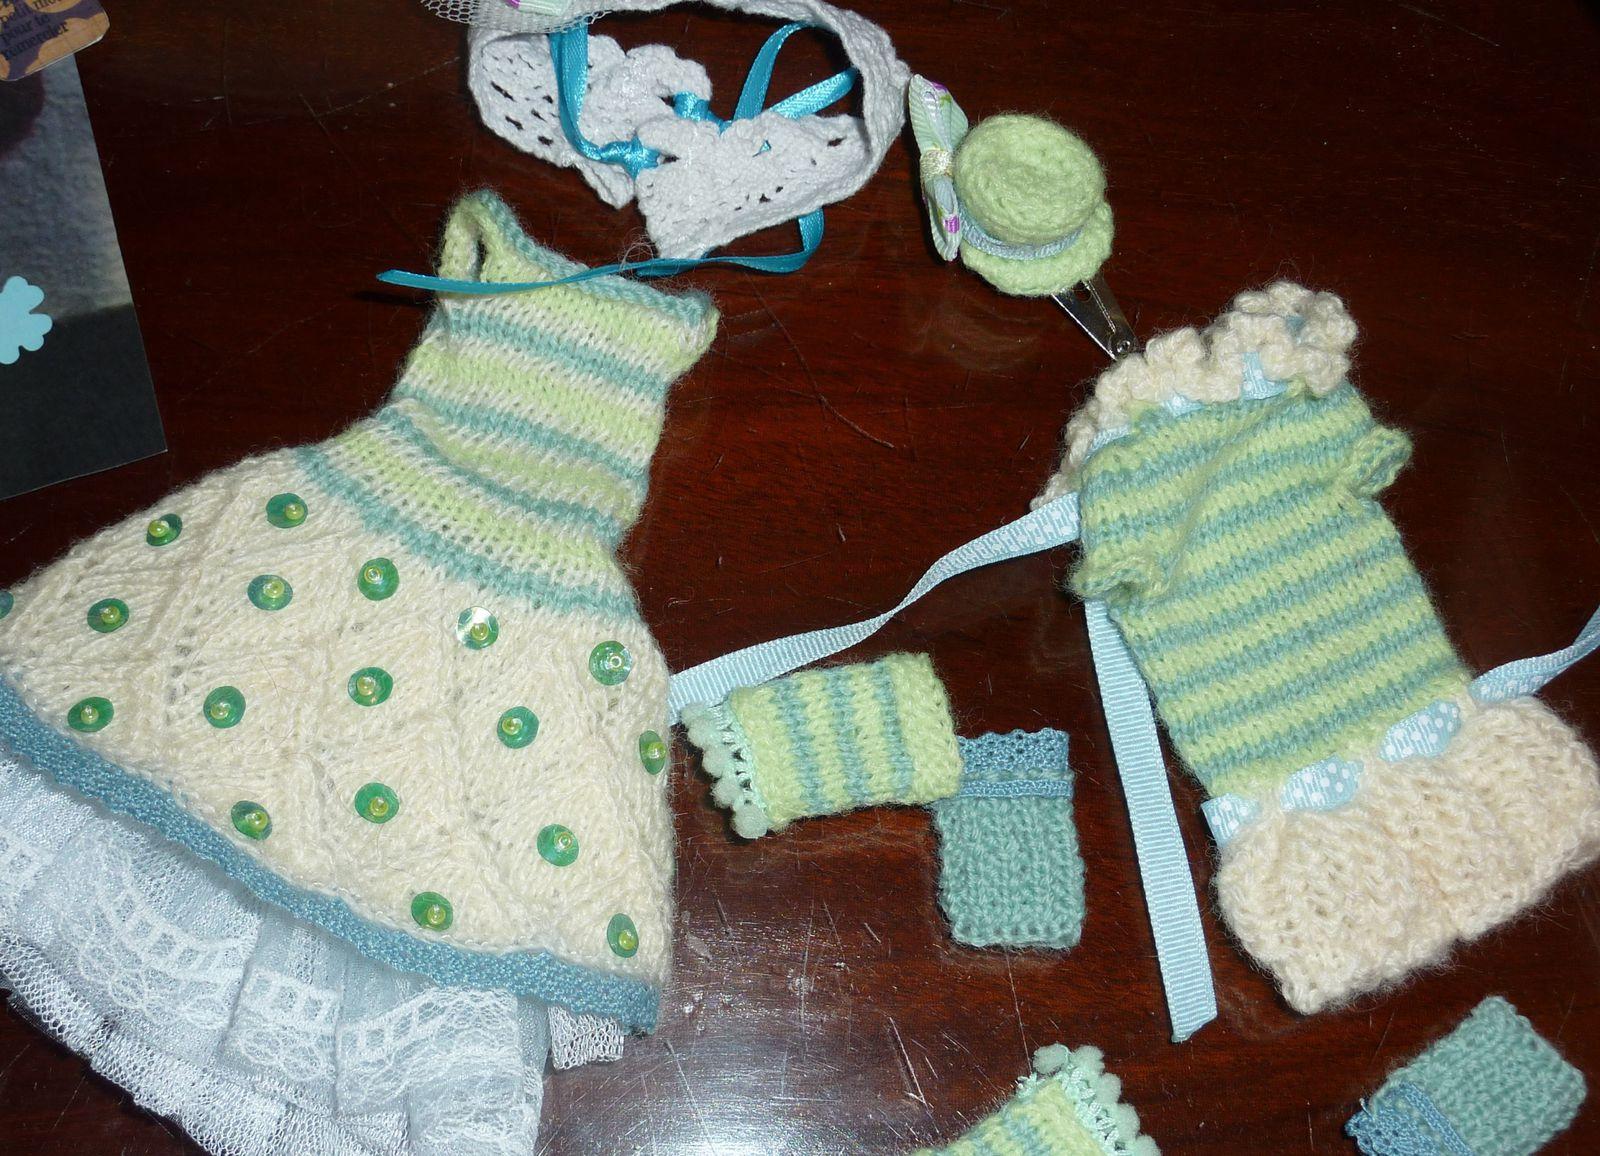 Jolies tenues pour les poupées... essayages à prévoir un jour plus tranquille qu'un mercredi de folie ordinaire &#x3B;-)